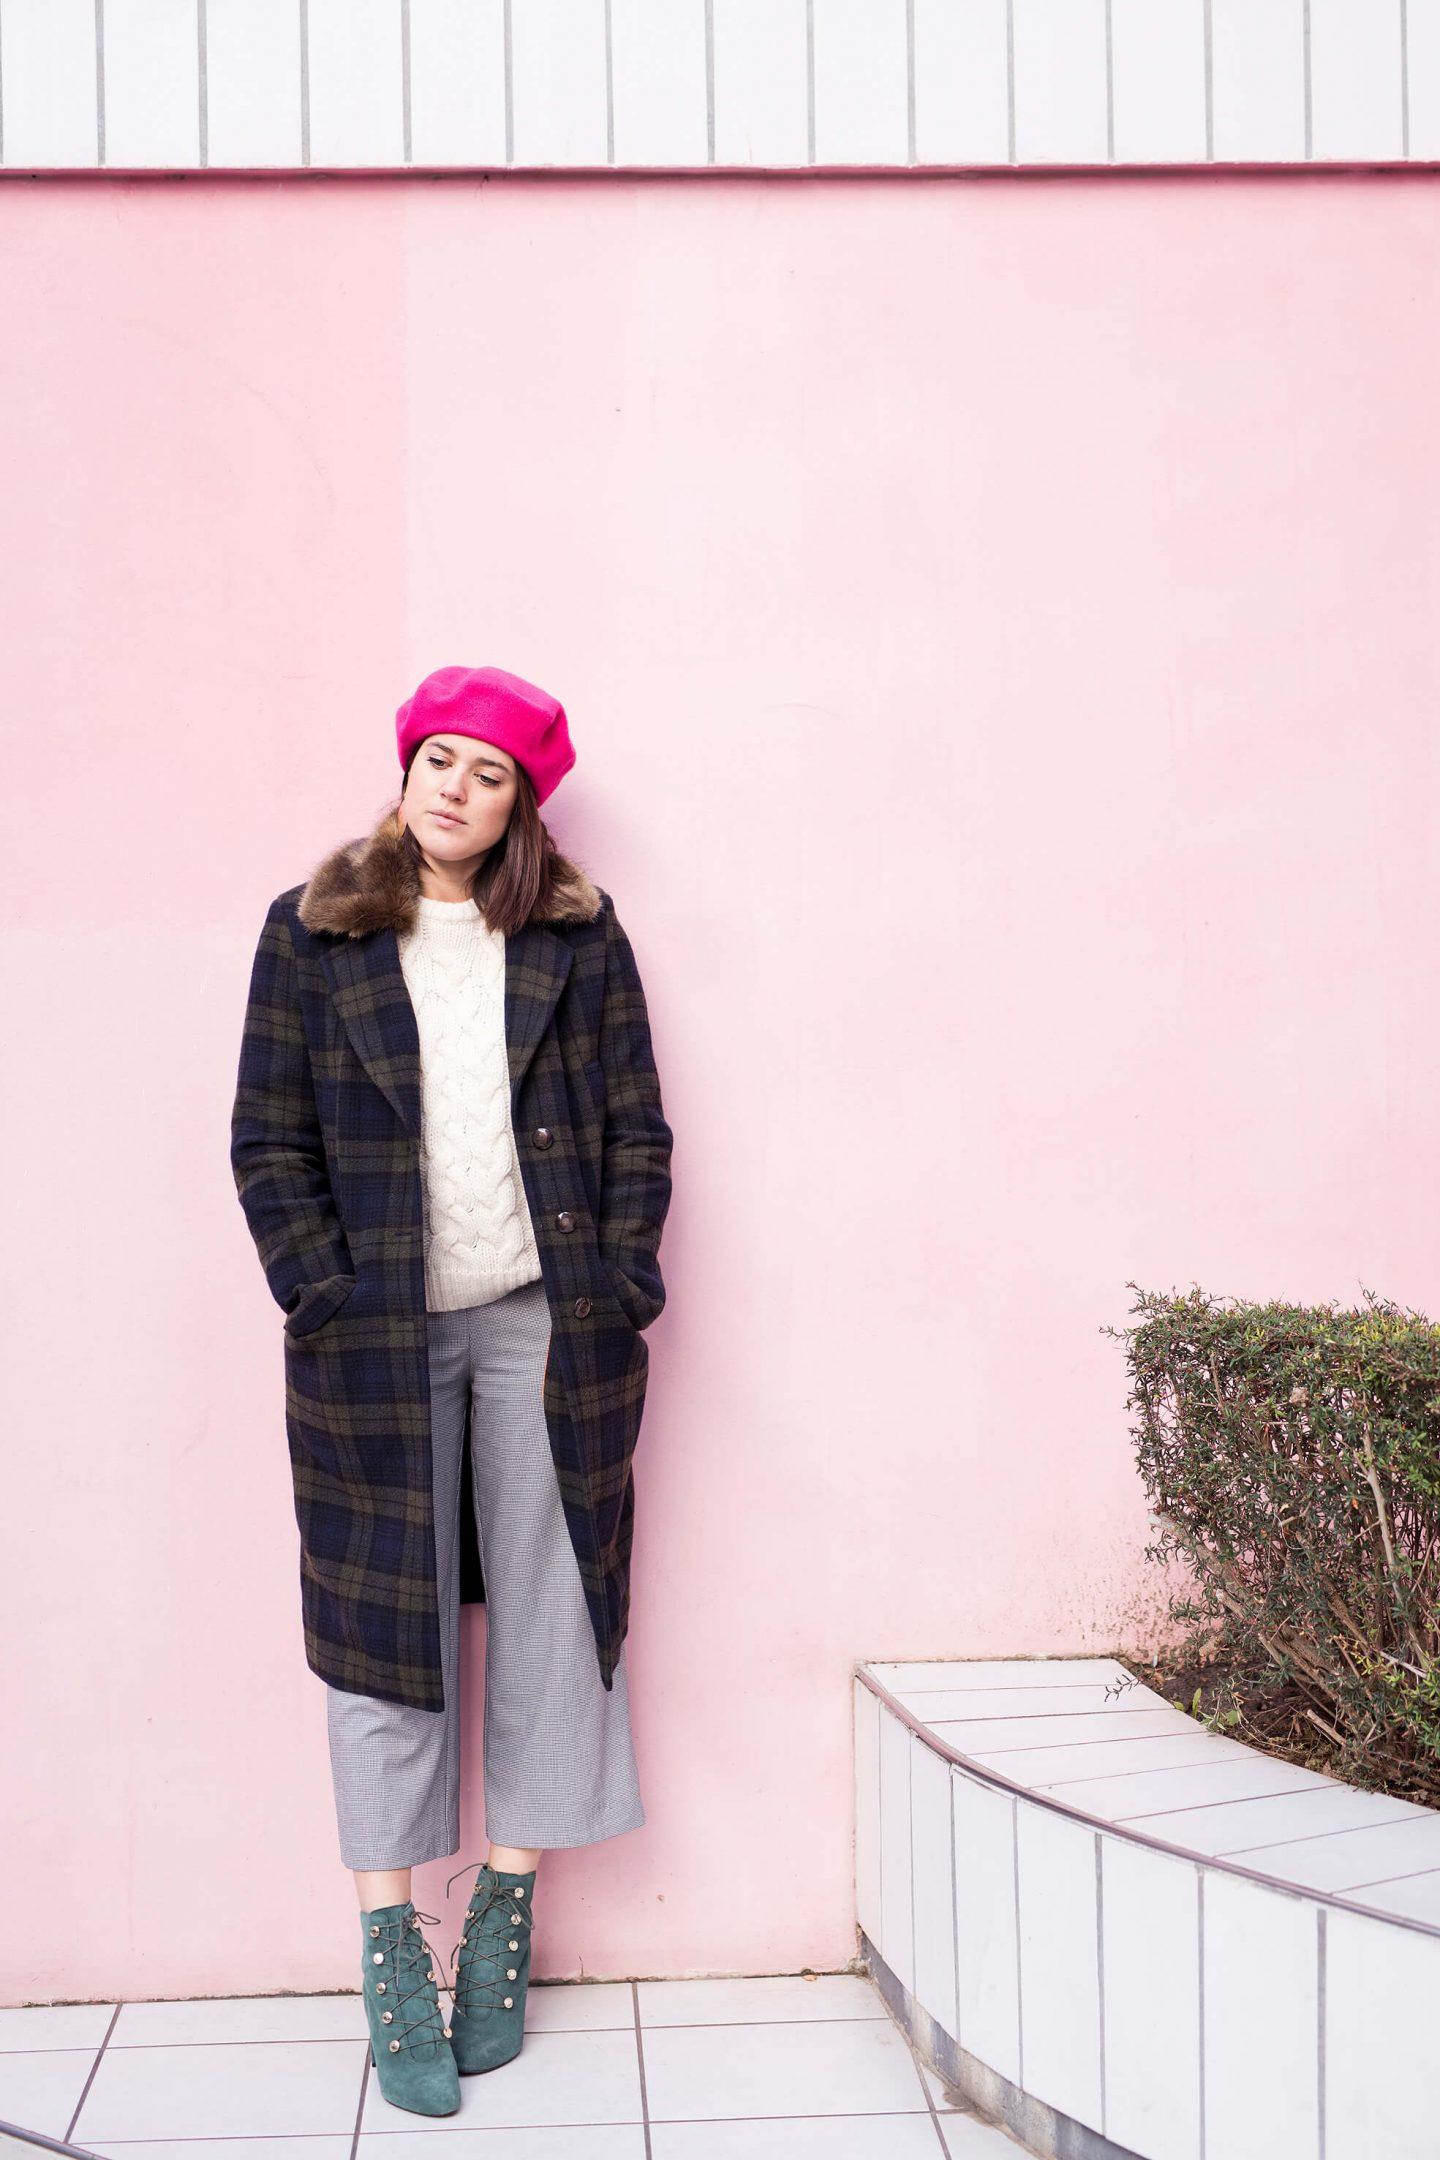 look manteau tartan Lener beret rose l'atelier d'al street style Paris blog mode lifestyle